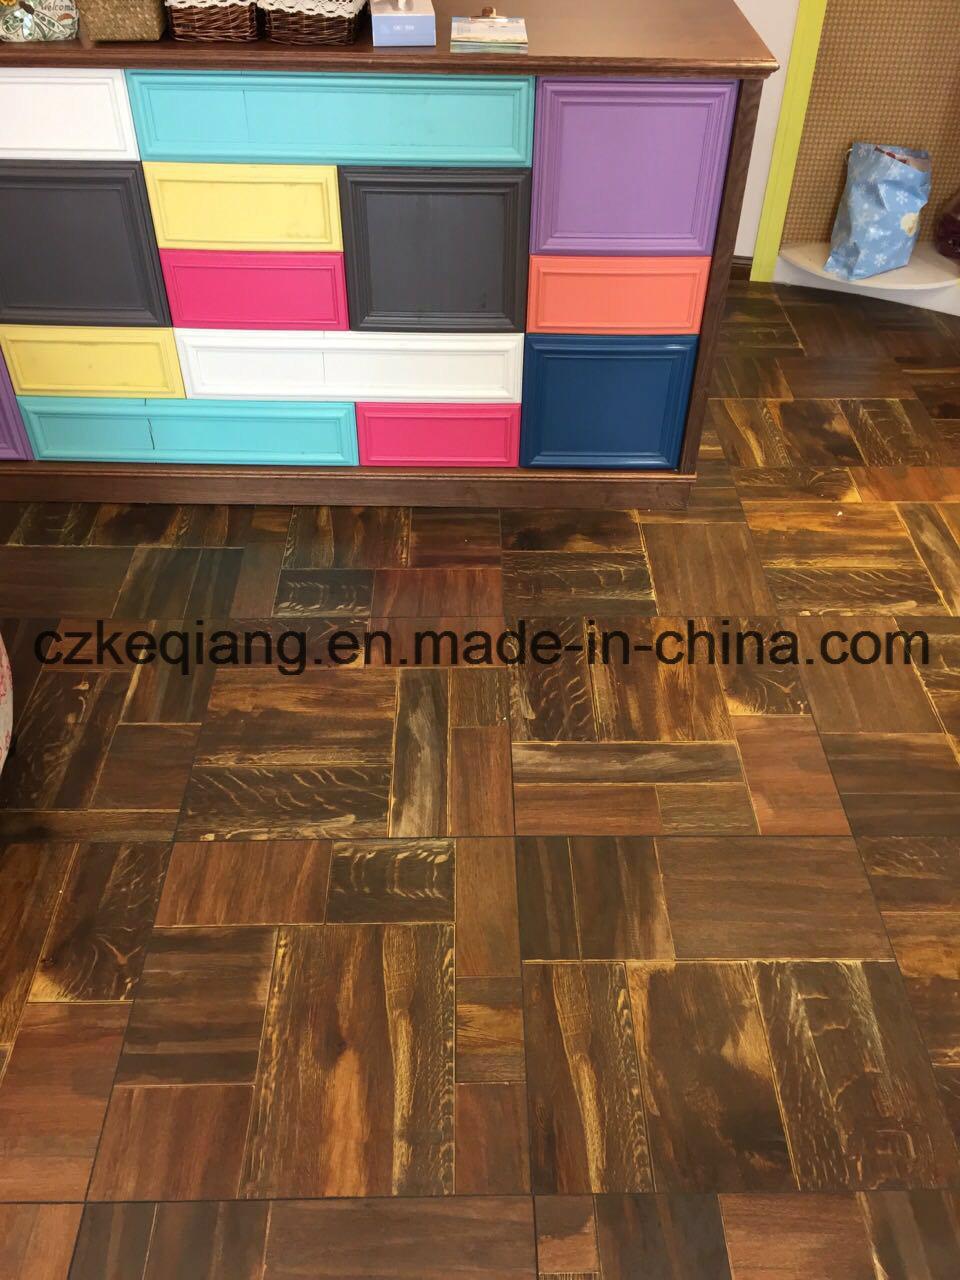 China Interior Decor Brick Effect Art Parquet Wooden Laminate Flooring Laminated Floor